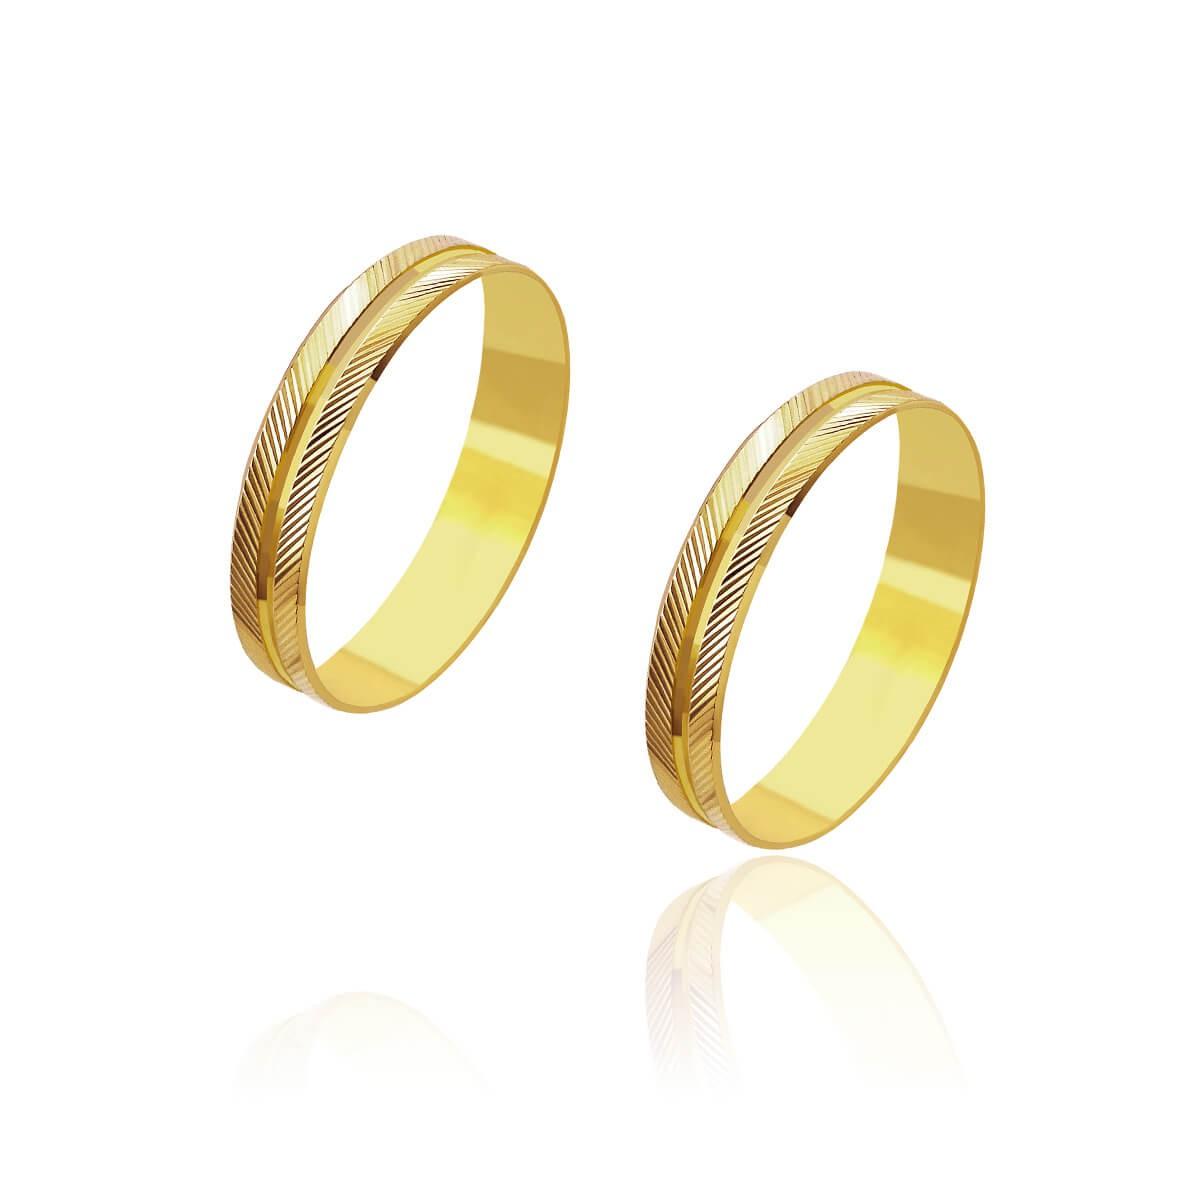 Par de Alianças de Casamento Artemis Ouro 18k Trabalhado Duplo 3,8mm 2,8g